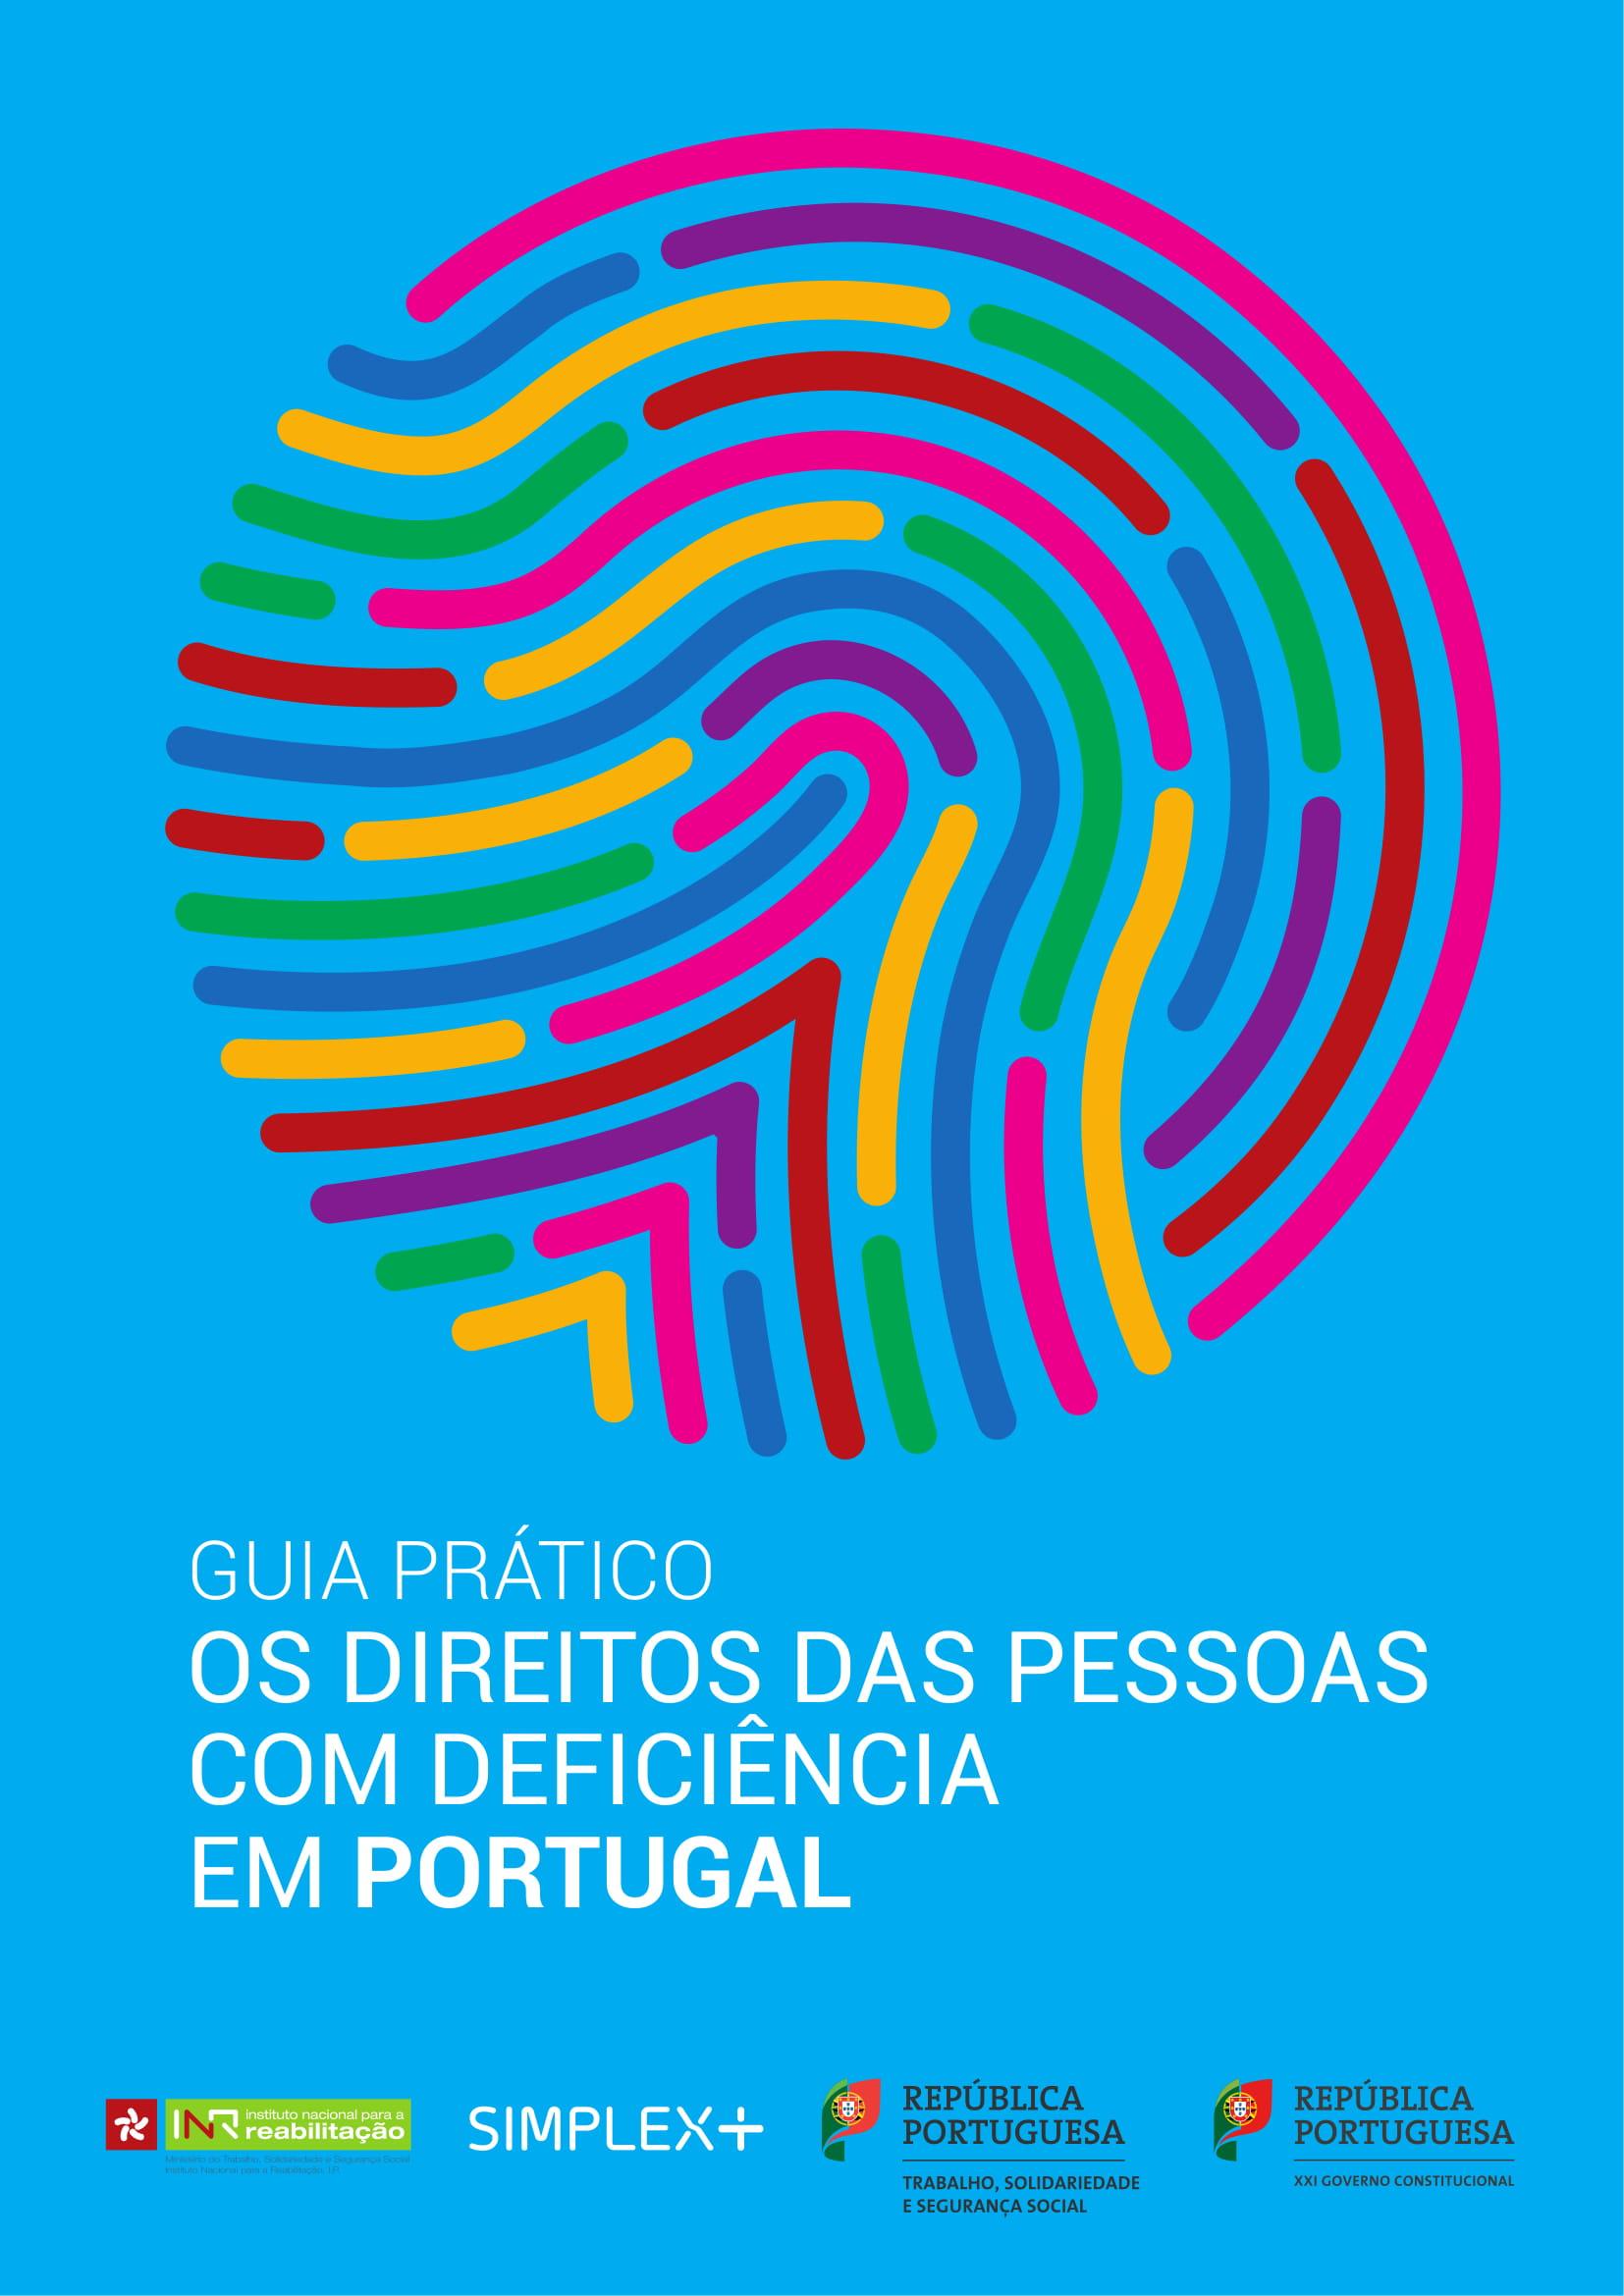 Guia_pratico_Os_Direitos_das_Pessoas_Deficiencia